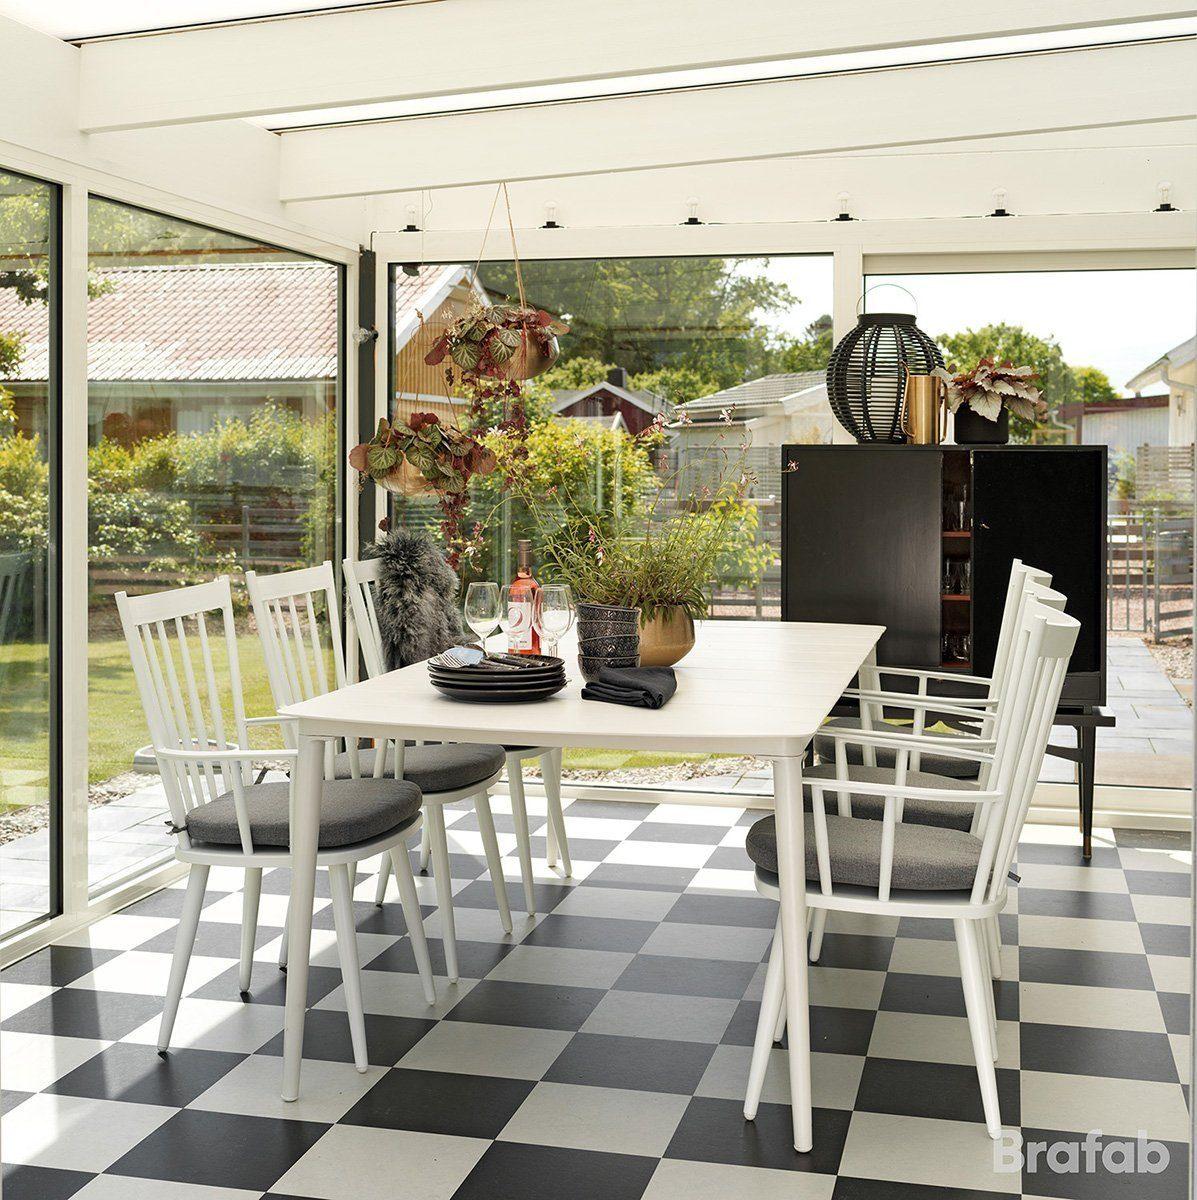 Miljöbild på utemöblerna Alvena och Grandby i vitlackerad aluminium från Brafab.